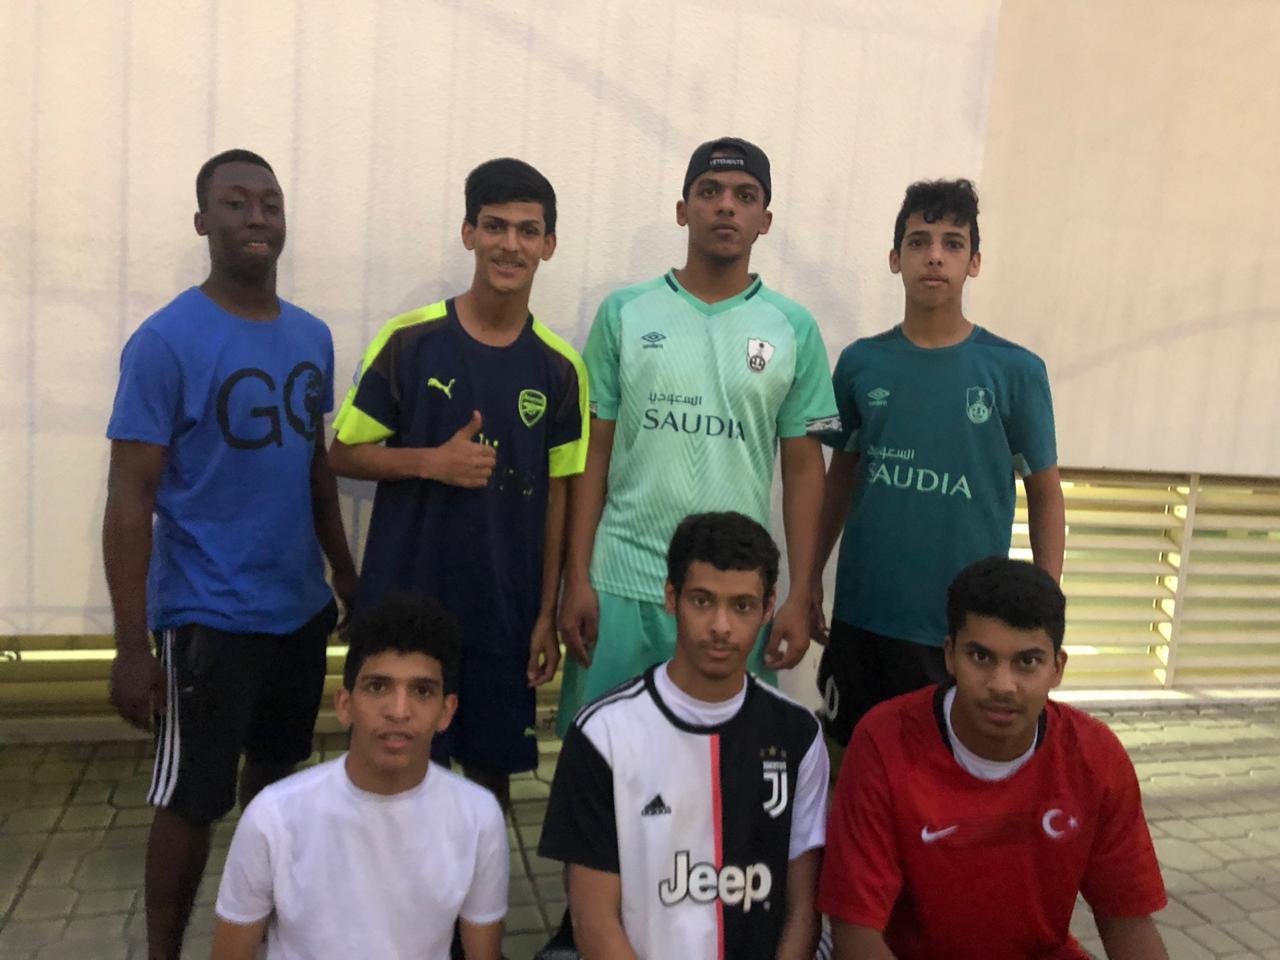 مجموعة من طلاب مدرسة ابن الهيثم بحي المغاربة يشاركون في تمرين النادي الأهلي للمستجدين